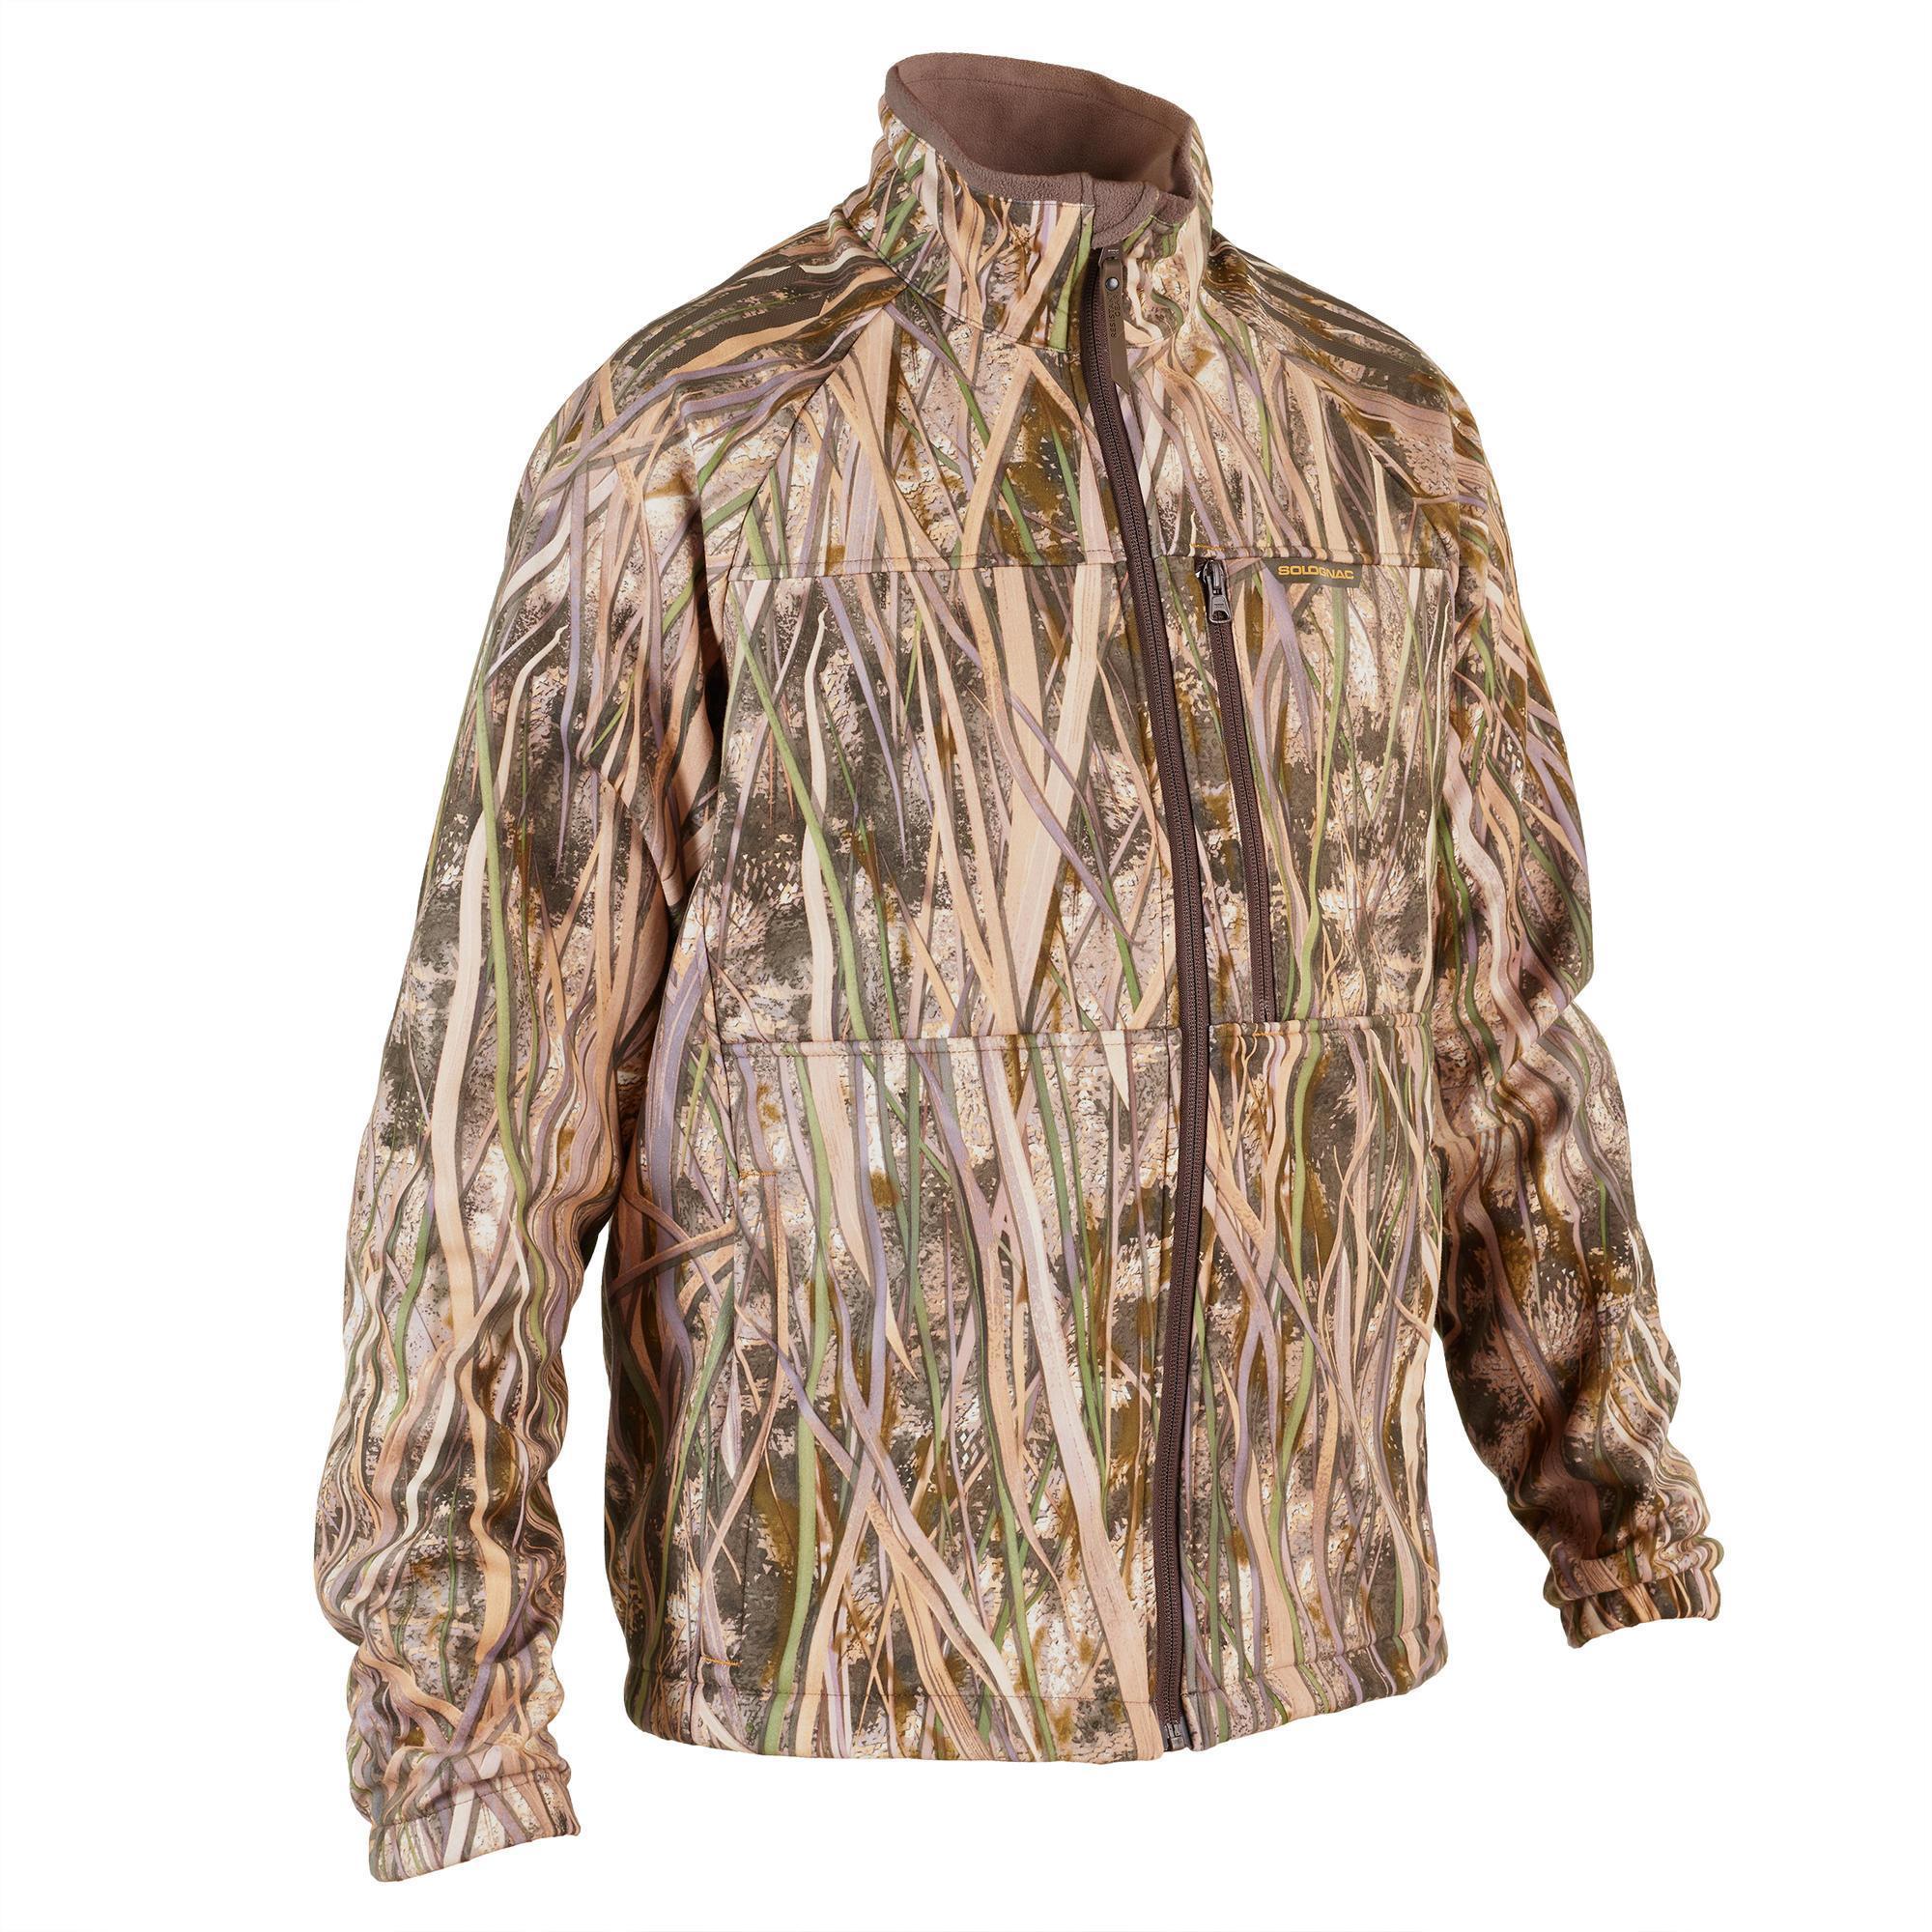 Polaire chasse chaude 500 camouflage marais solognac